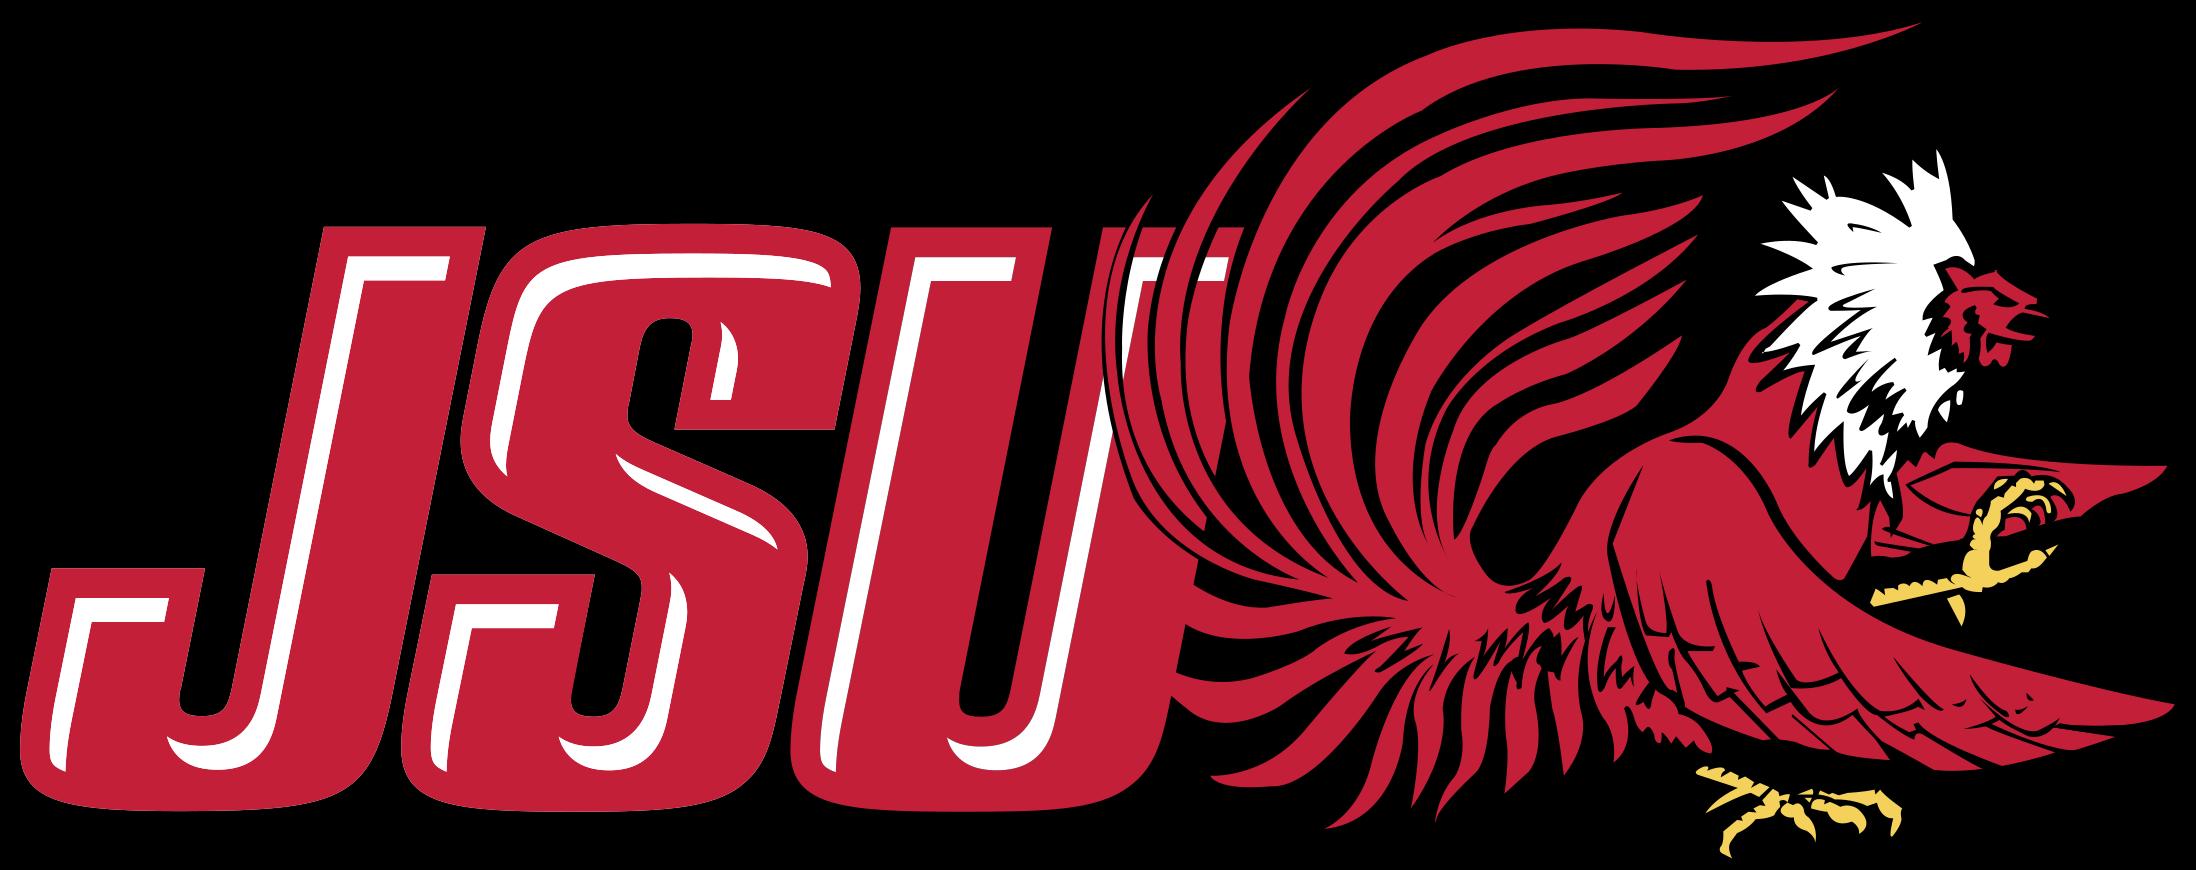 Jsu Gamecocks Logo Png Transparent Jacksonville State.